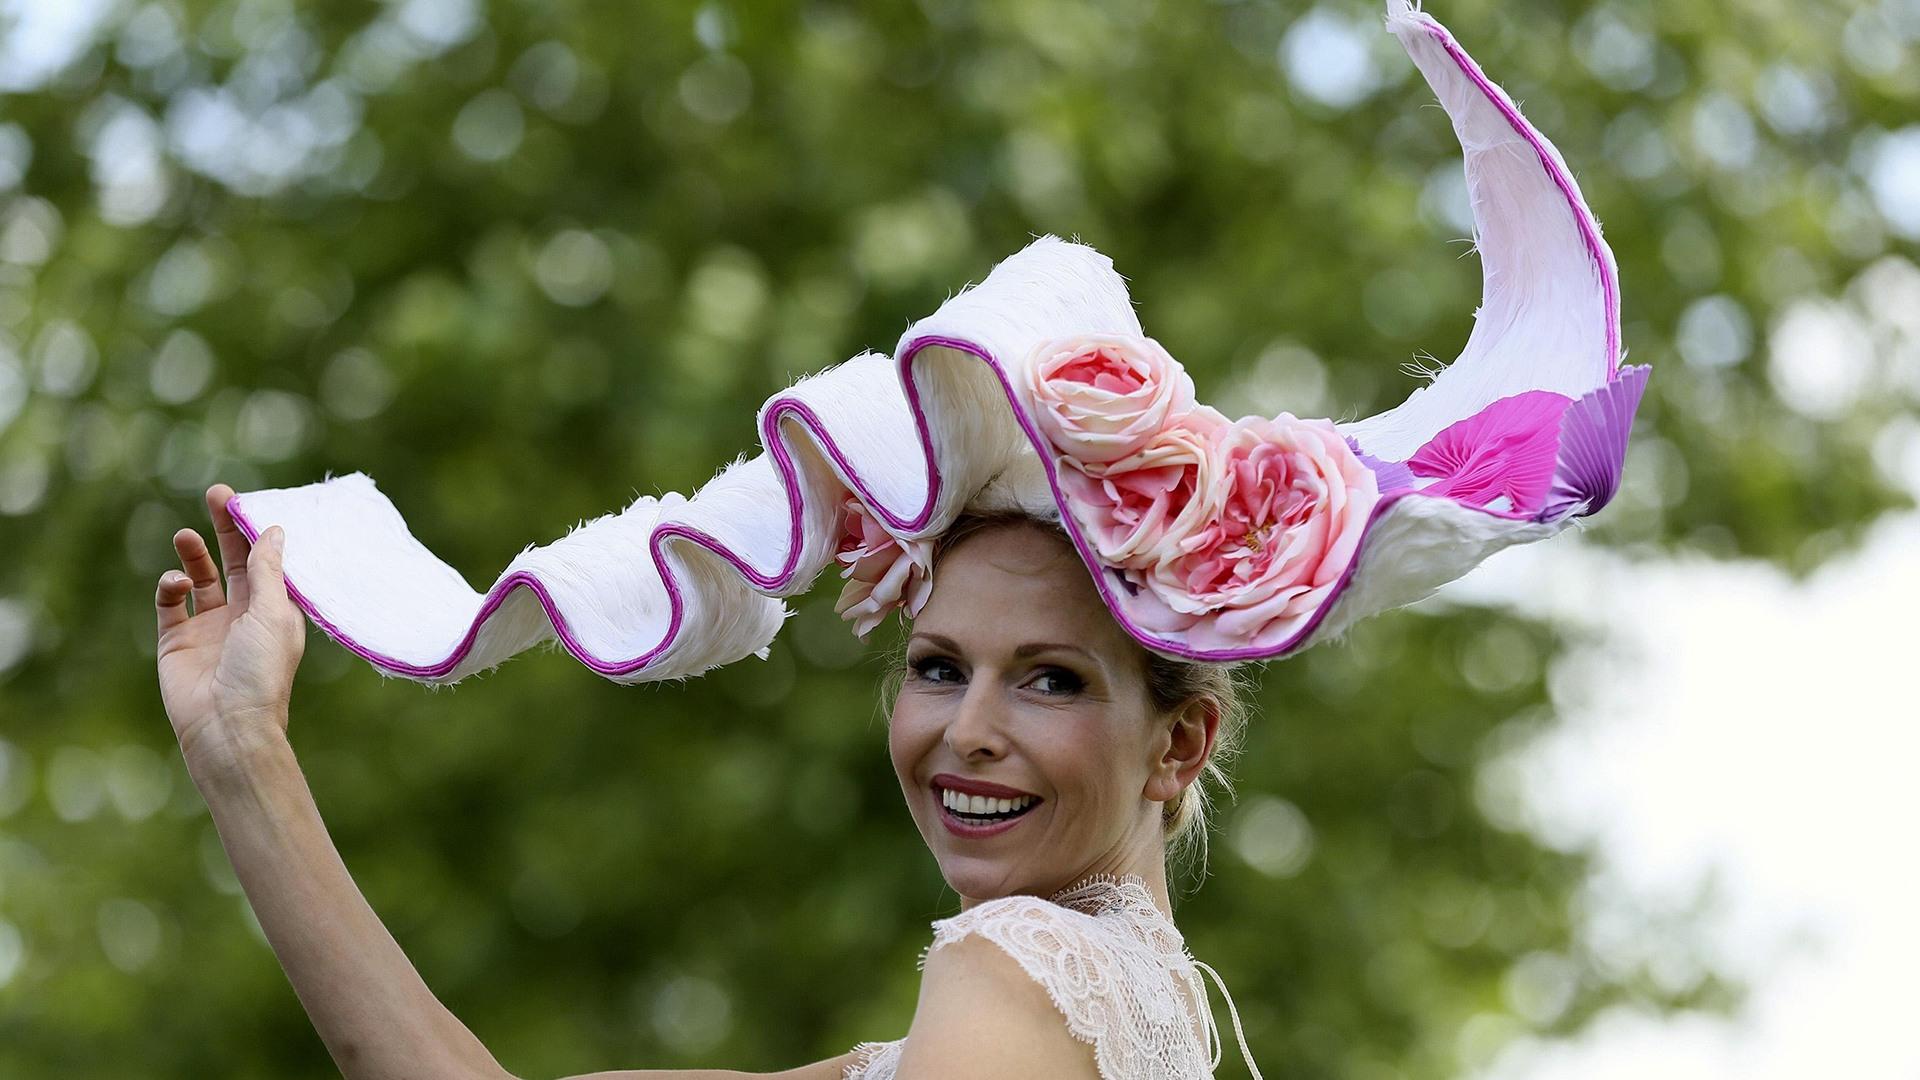 Image: Anneka Tanaka-Svenska poses at the Royal Ascot horse racing festival in Ascot